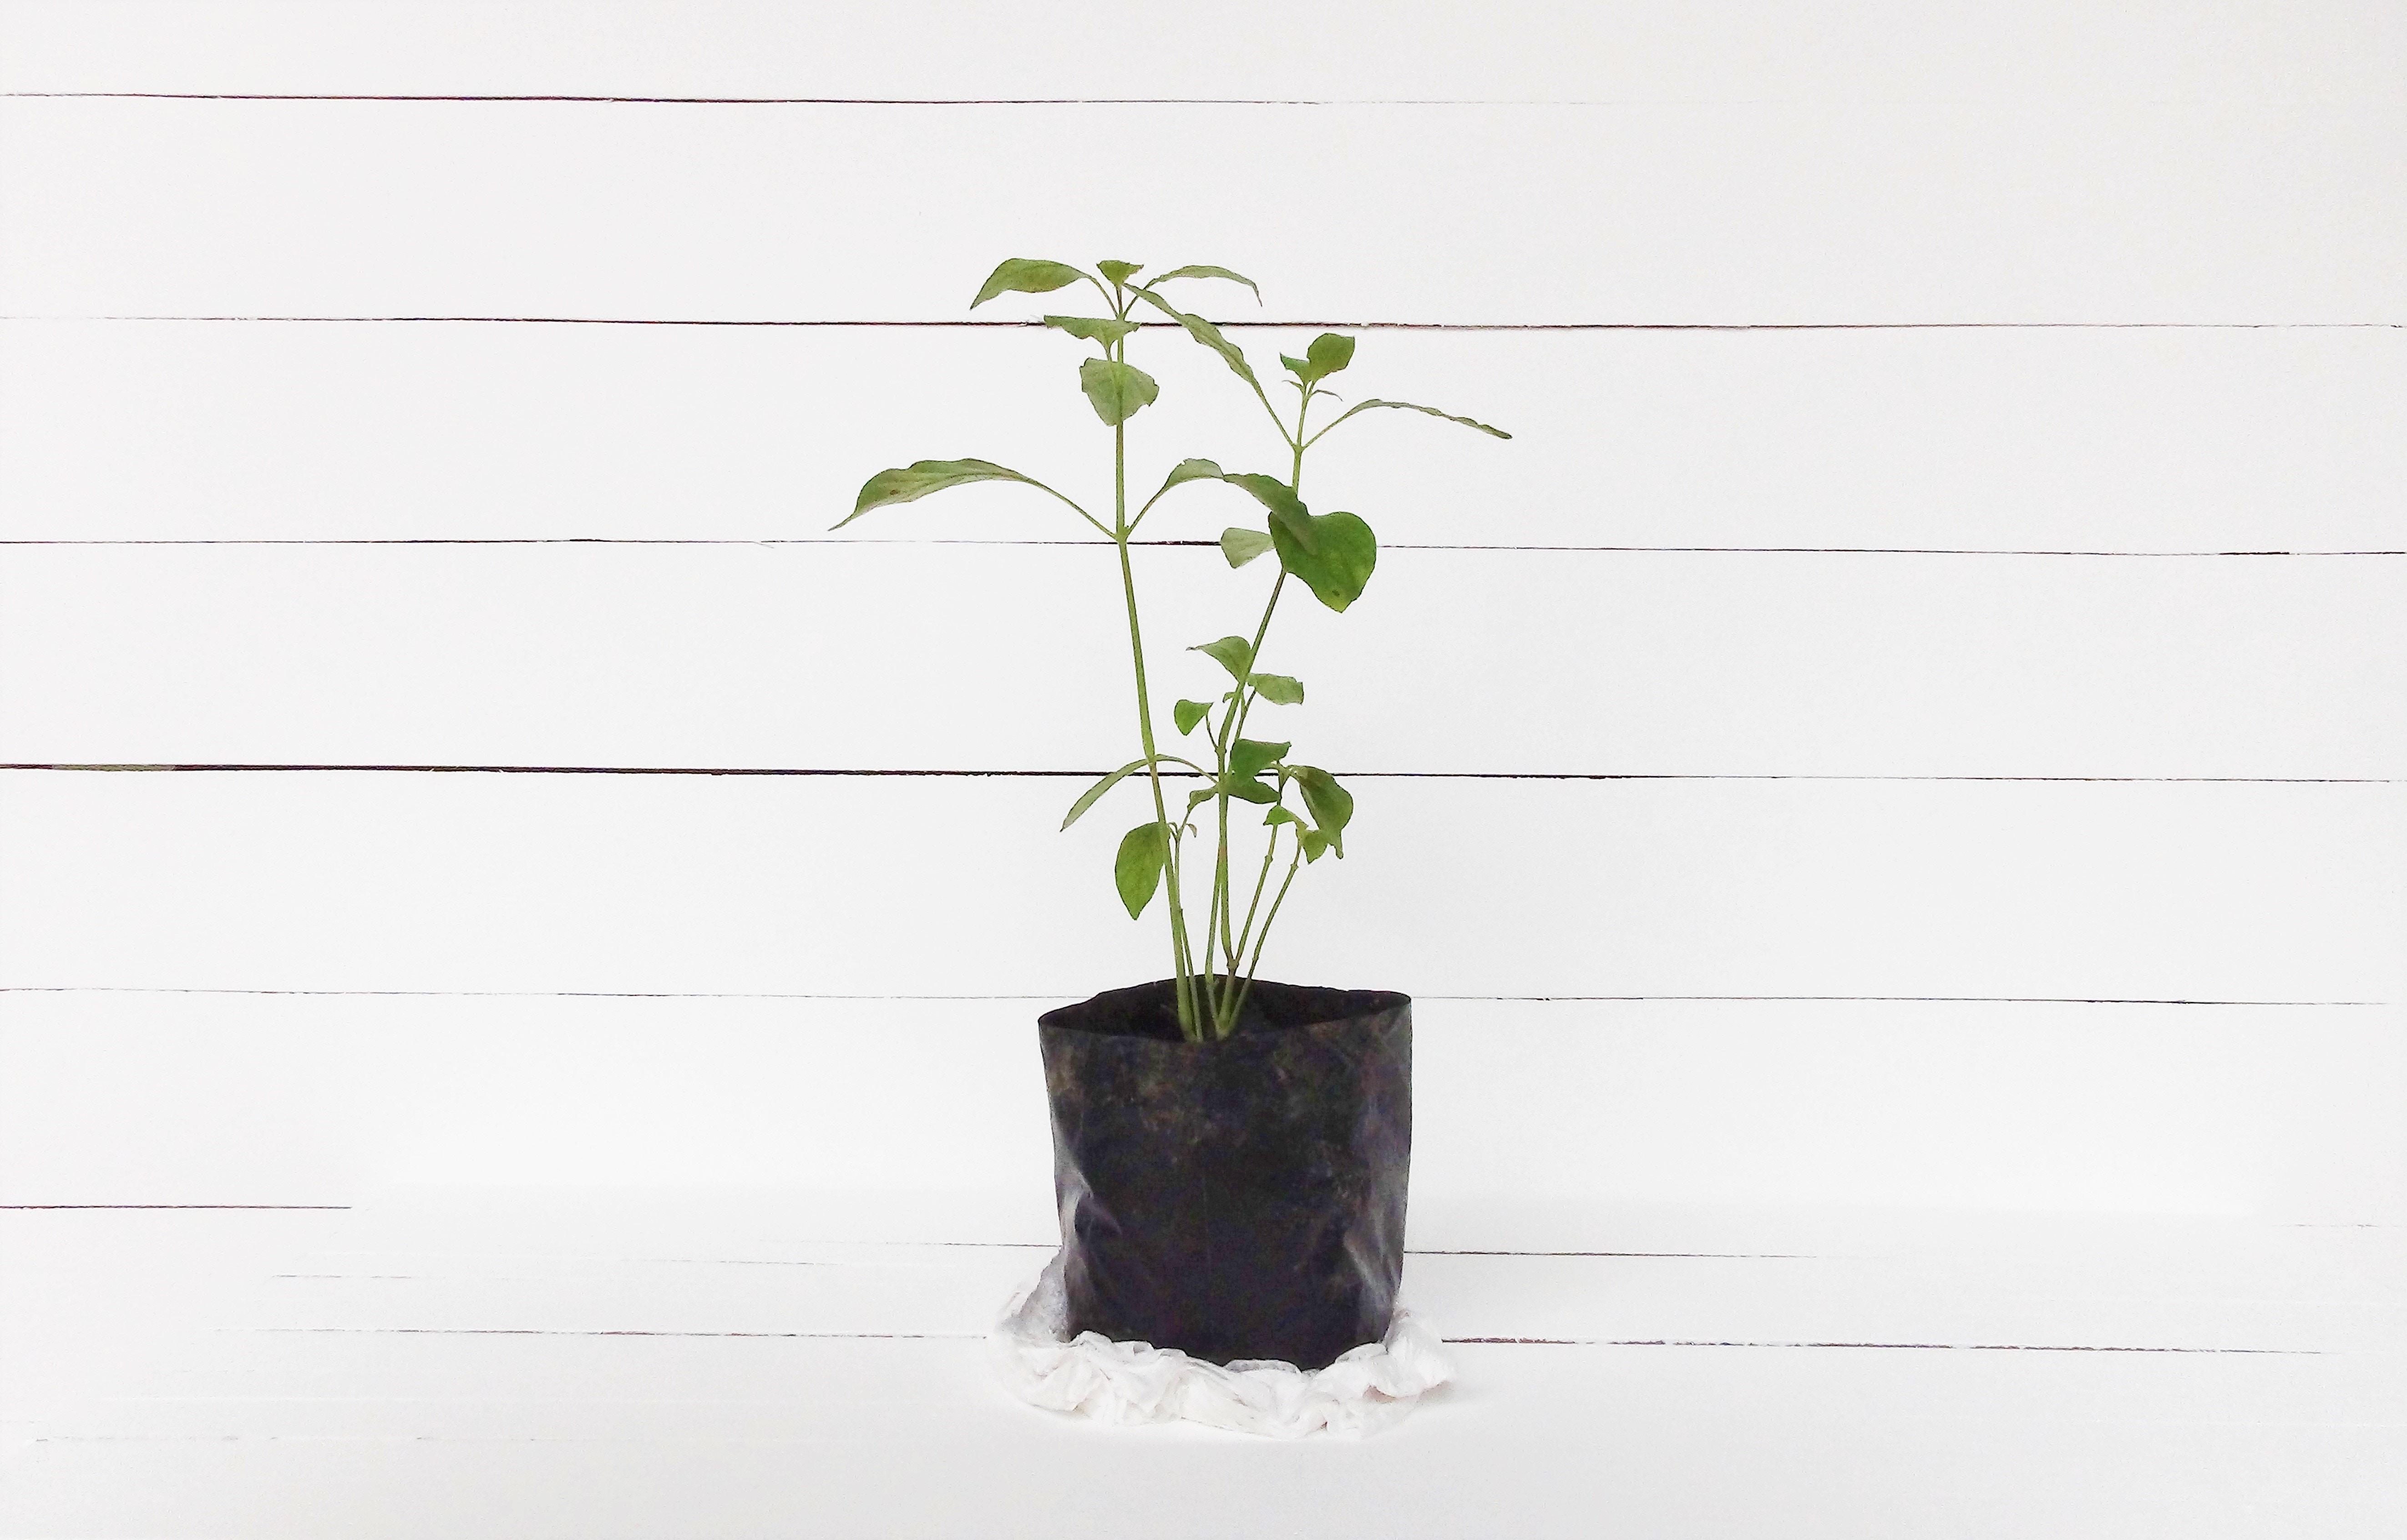 como adubar uma horta em apartamento